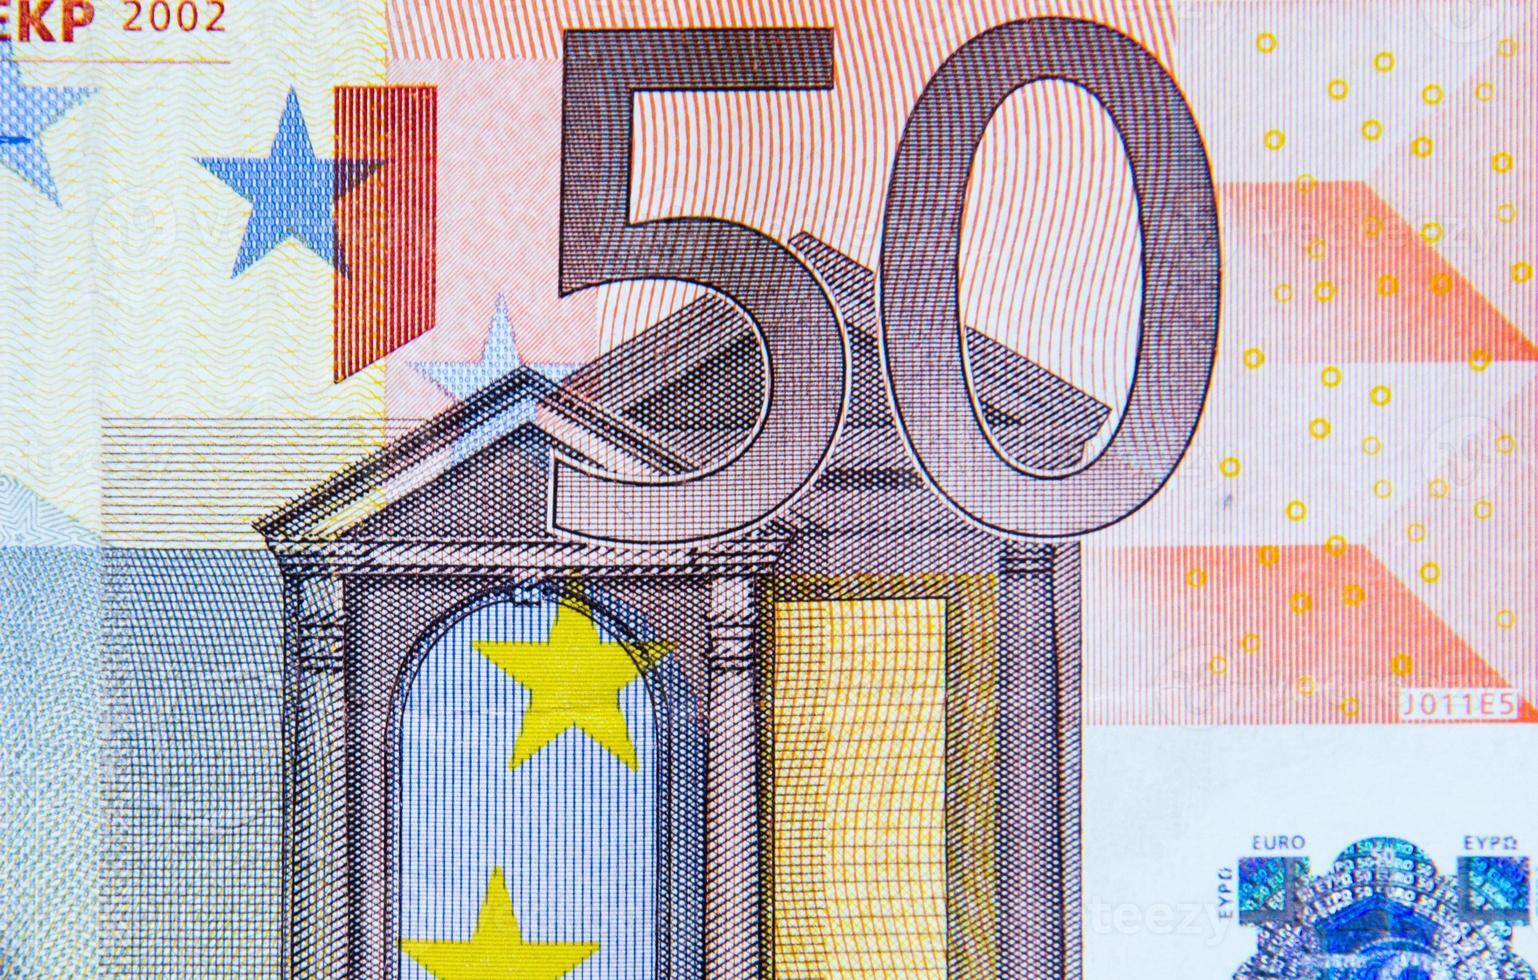 Nota de 50 euros foto